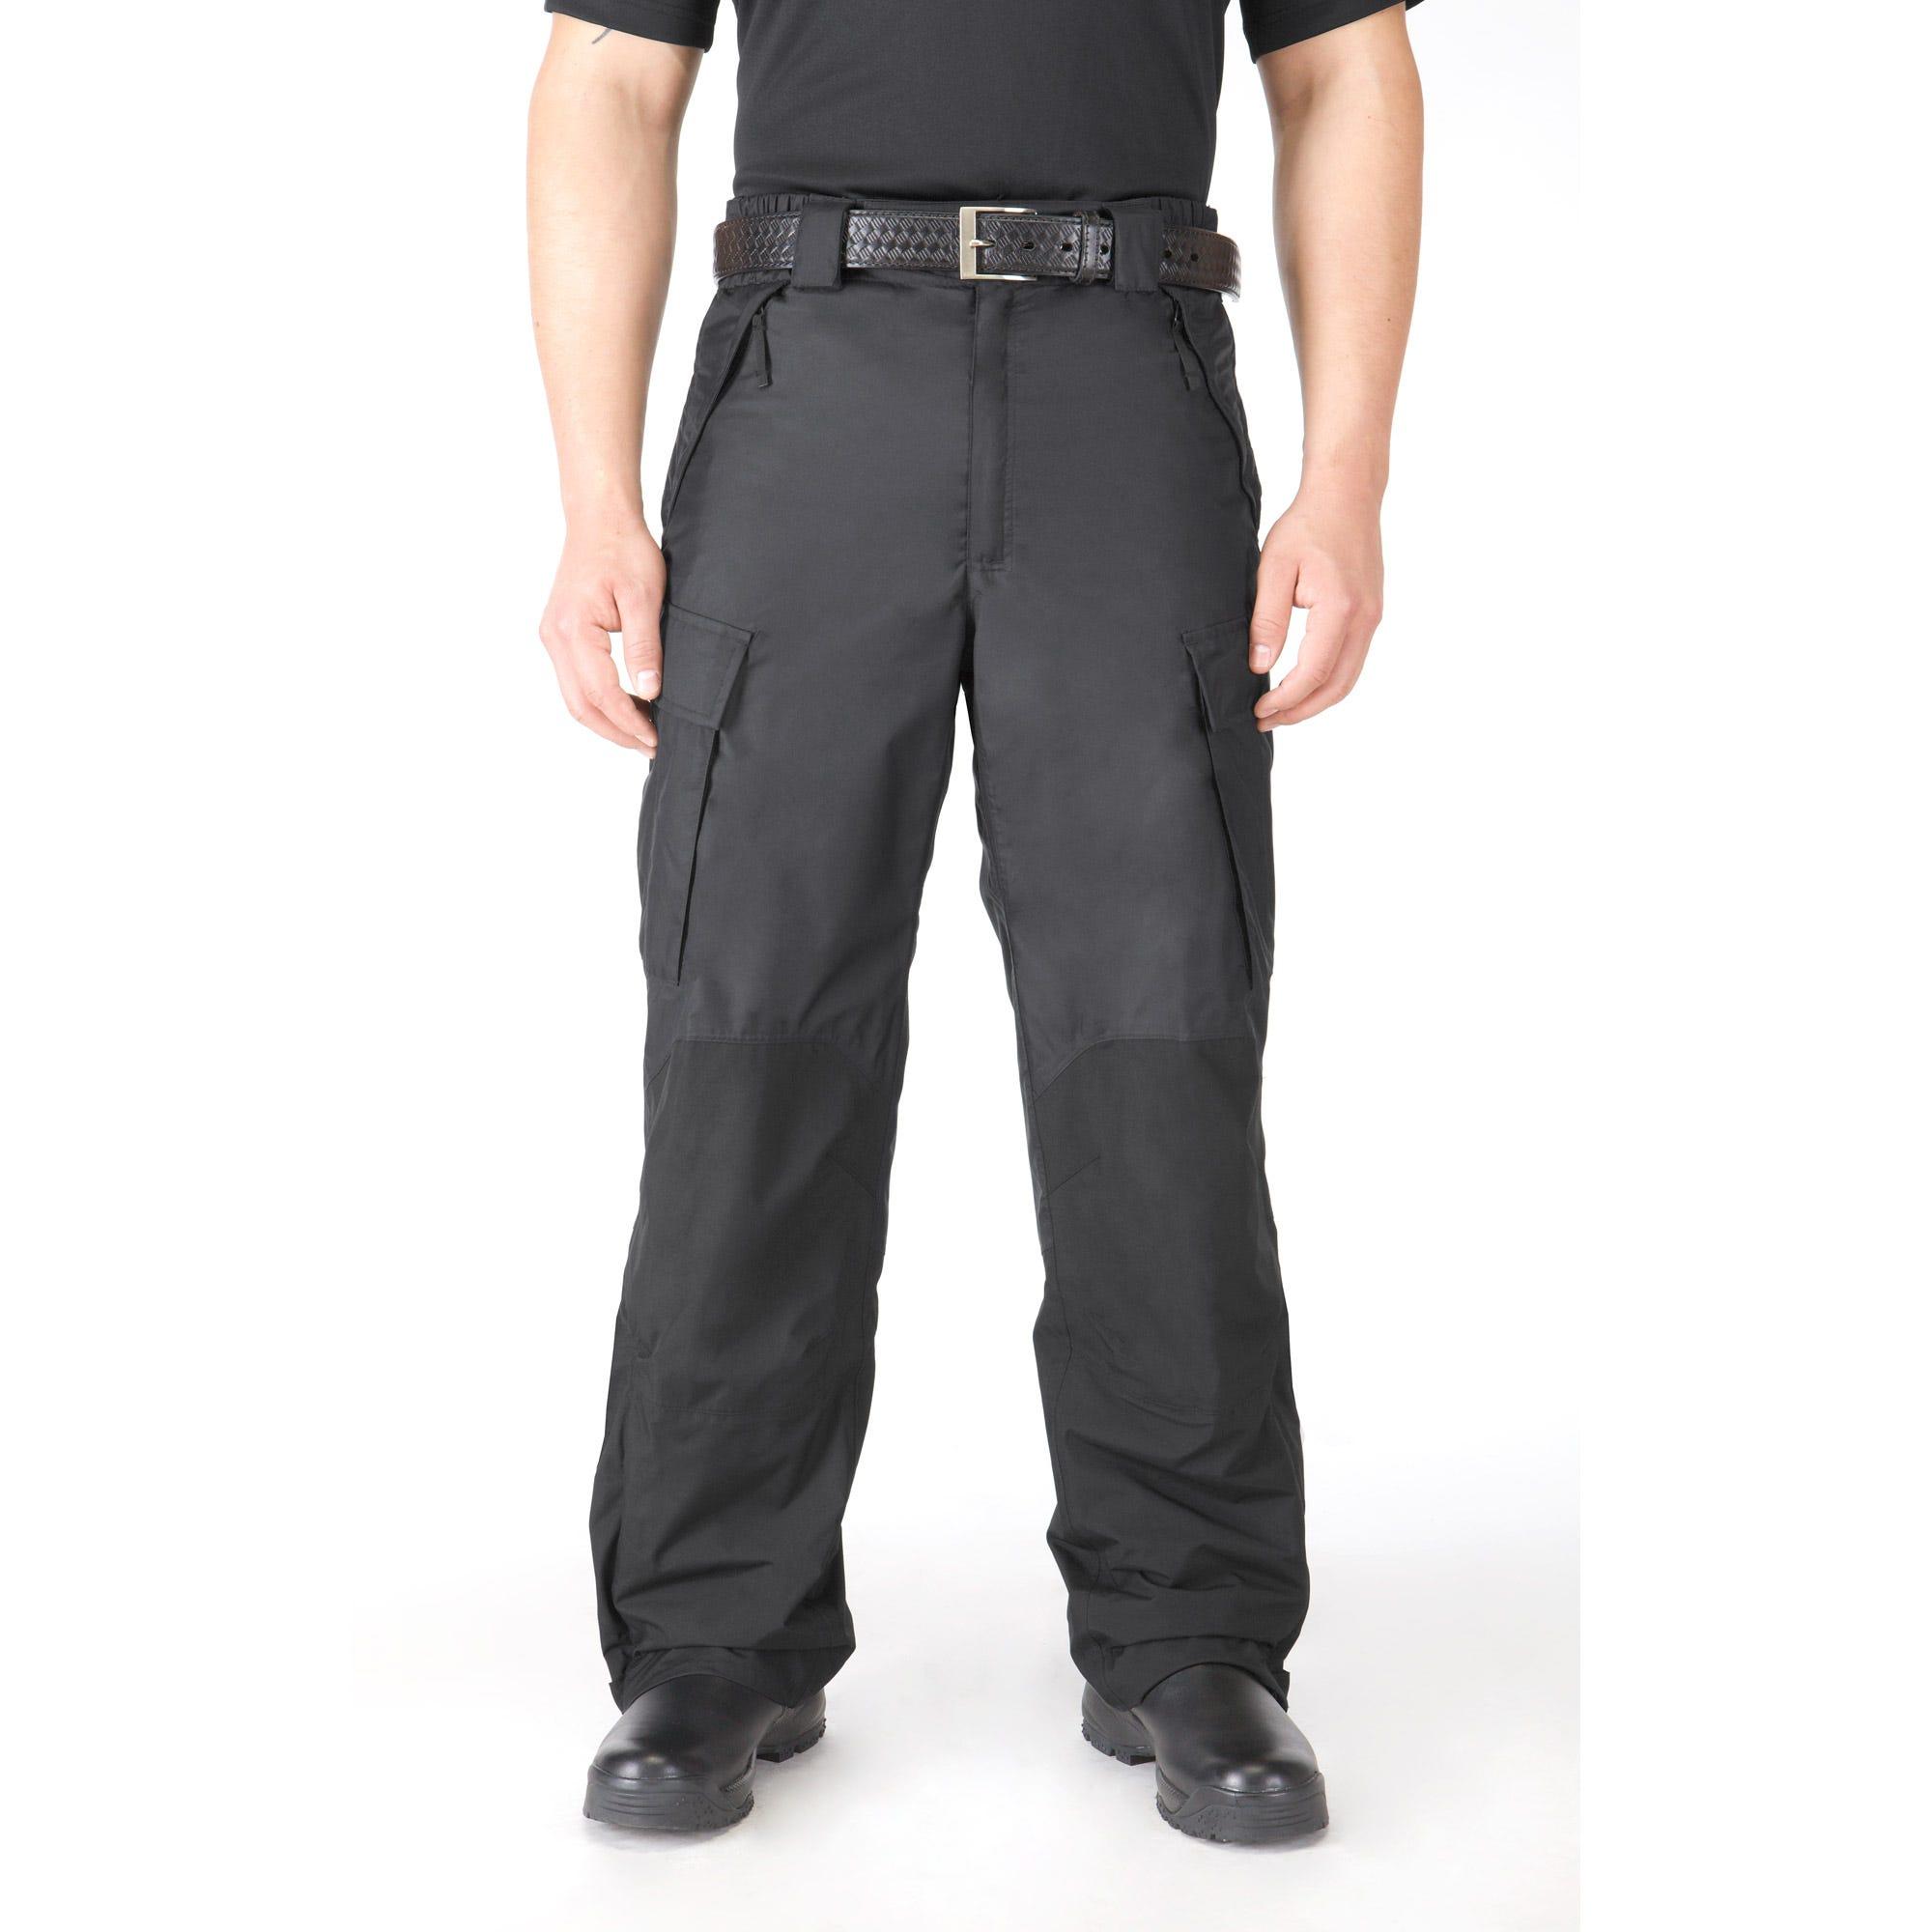 5.11 Tactical Men's Patrol Rain Pant (Black)